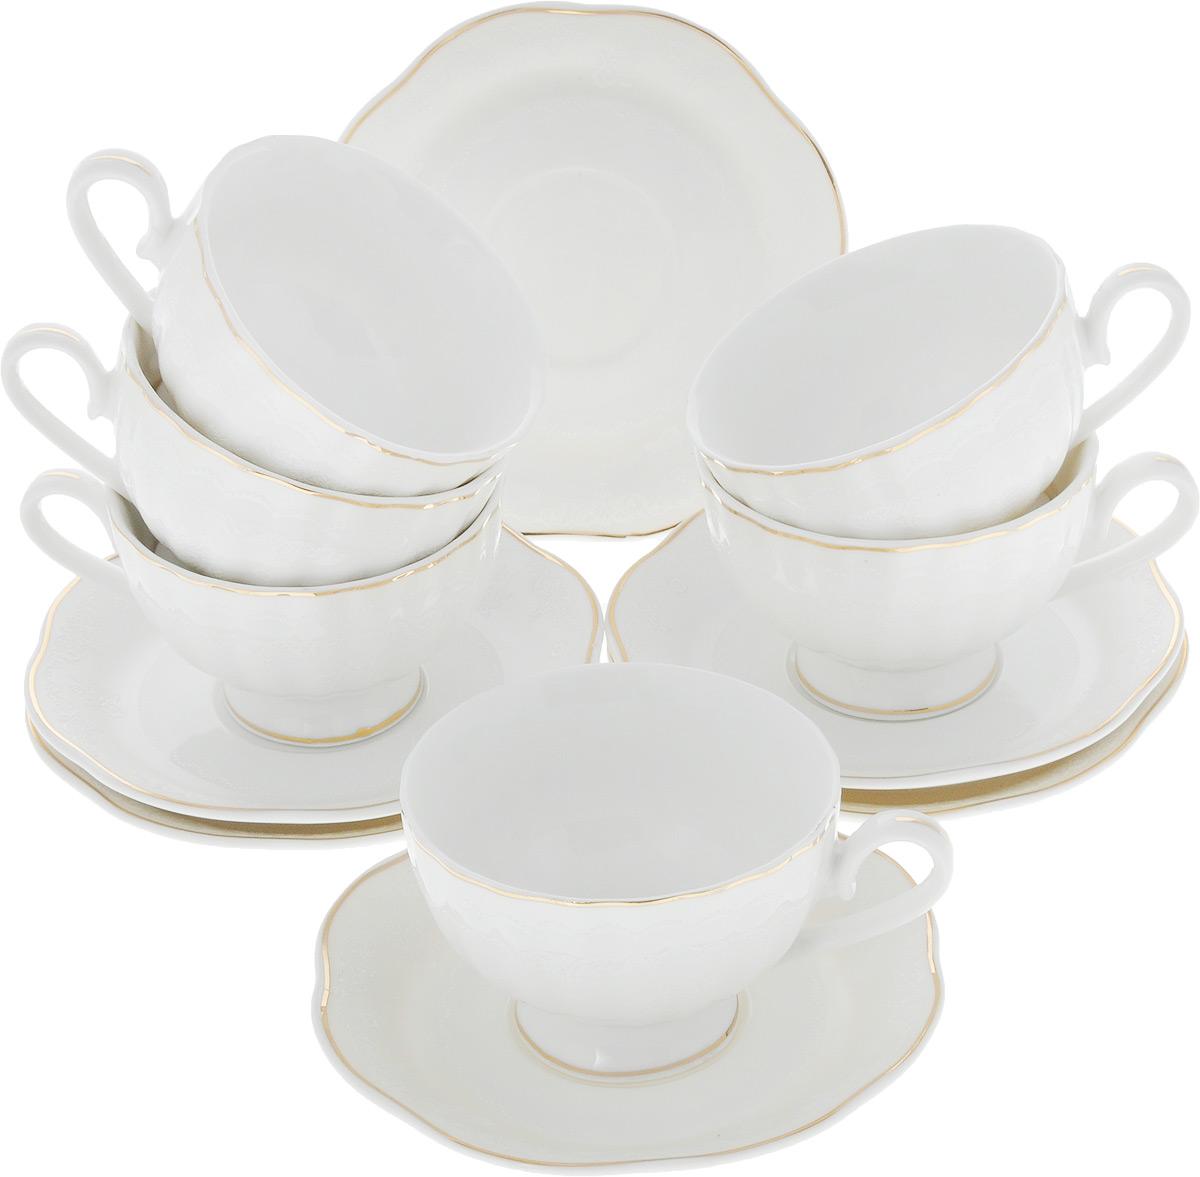 Сервиз кофейный Loraine, 12 предметов. 26442115510Кофейный сервиз Loraine на 6 персон выполнен из высококачественного костяного фарфора - материала, безопасного для здоровья и надолго сохраняющего тепло напитка. В наборе 6 чашек и 6 блюдец. Несмотря на свою внешнюю хрупкость, каждый из предметов набора обладает высокой прочностью и надежностью. Изделия украшены тонкой золотой каймой, внешние стенки дополнены рельефным цветочным рисунком. Элегантный классический дизайн сделает этот набор изысканным украшением любого стола. Набор упакован в подарочную коробку, поэтому его можно преподнести в качестве оригинального и практичного подарка для родных и близких. Объем чашки: 110 мл. Диаметр чашки (по верхнему краю): 7,5 см. Высота чашки: 5 см. Диаметр блюдца: 11,5 см.